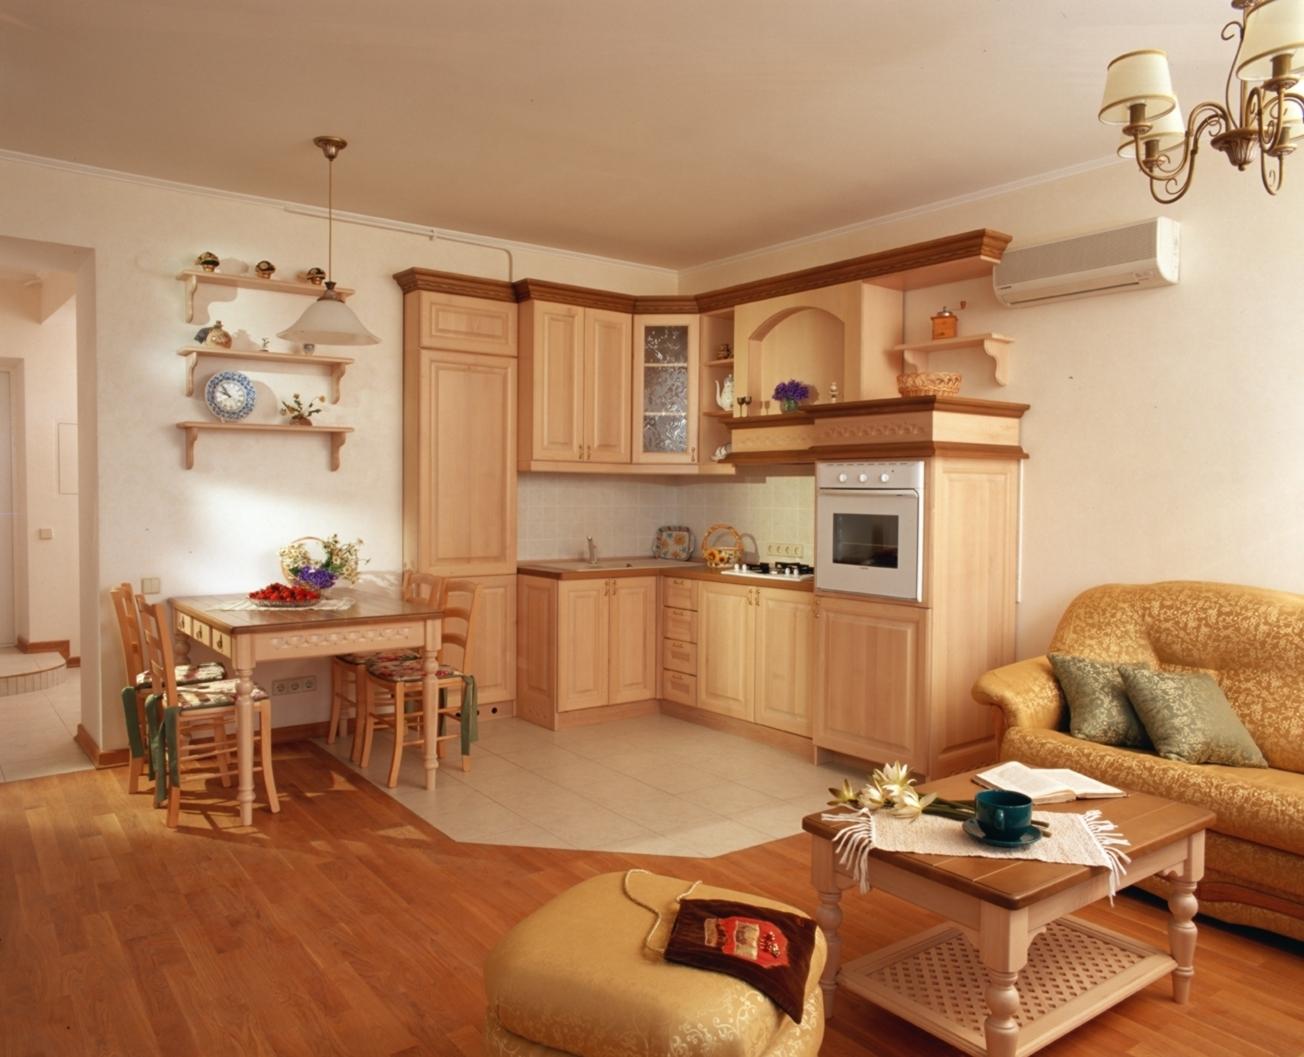 Квартира в стиле кантри фото